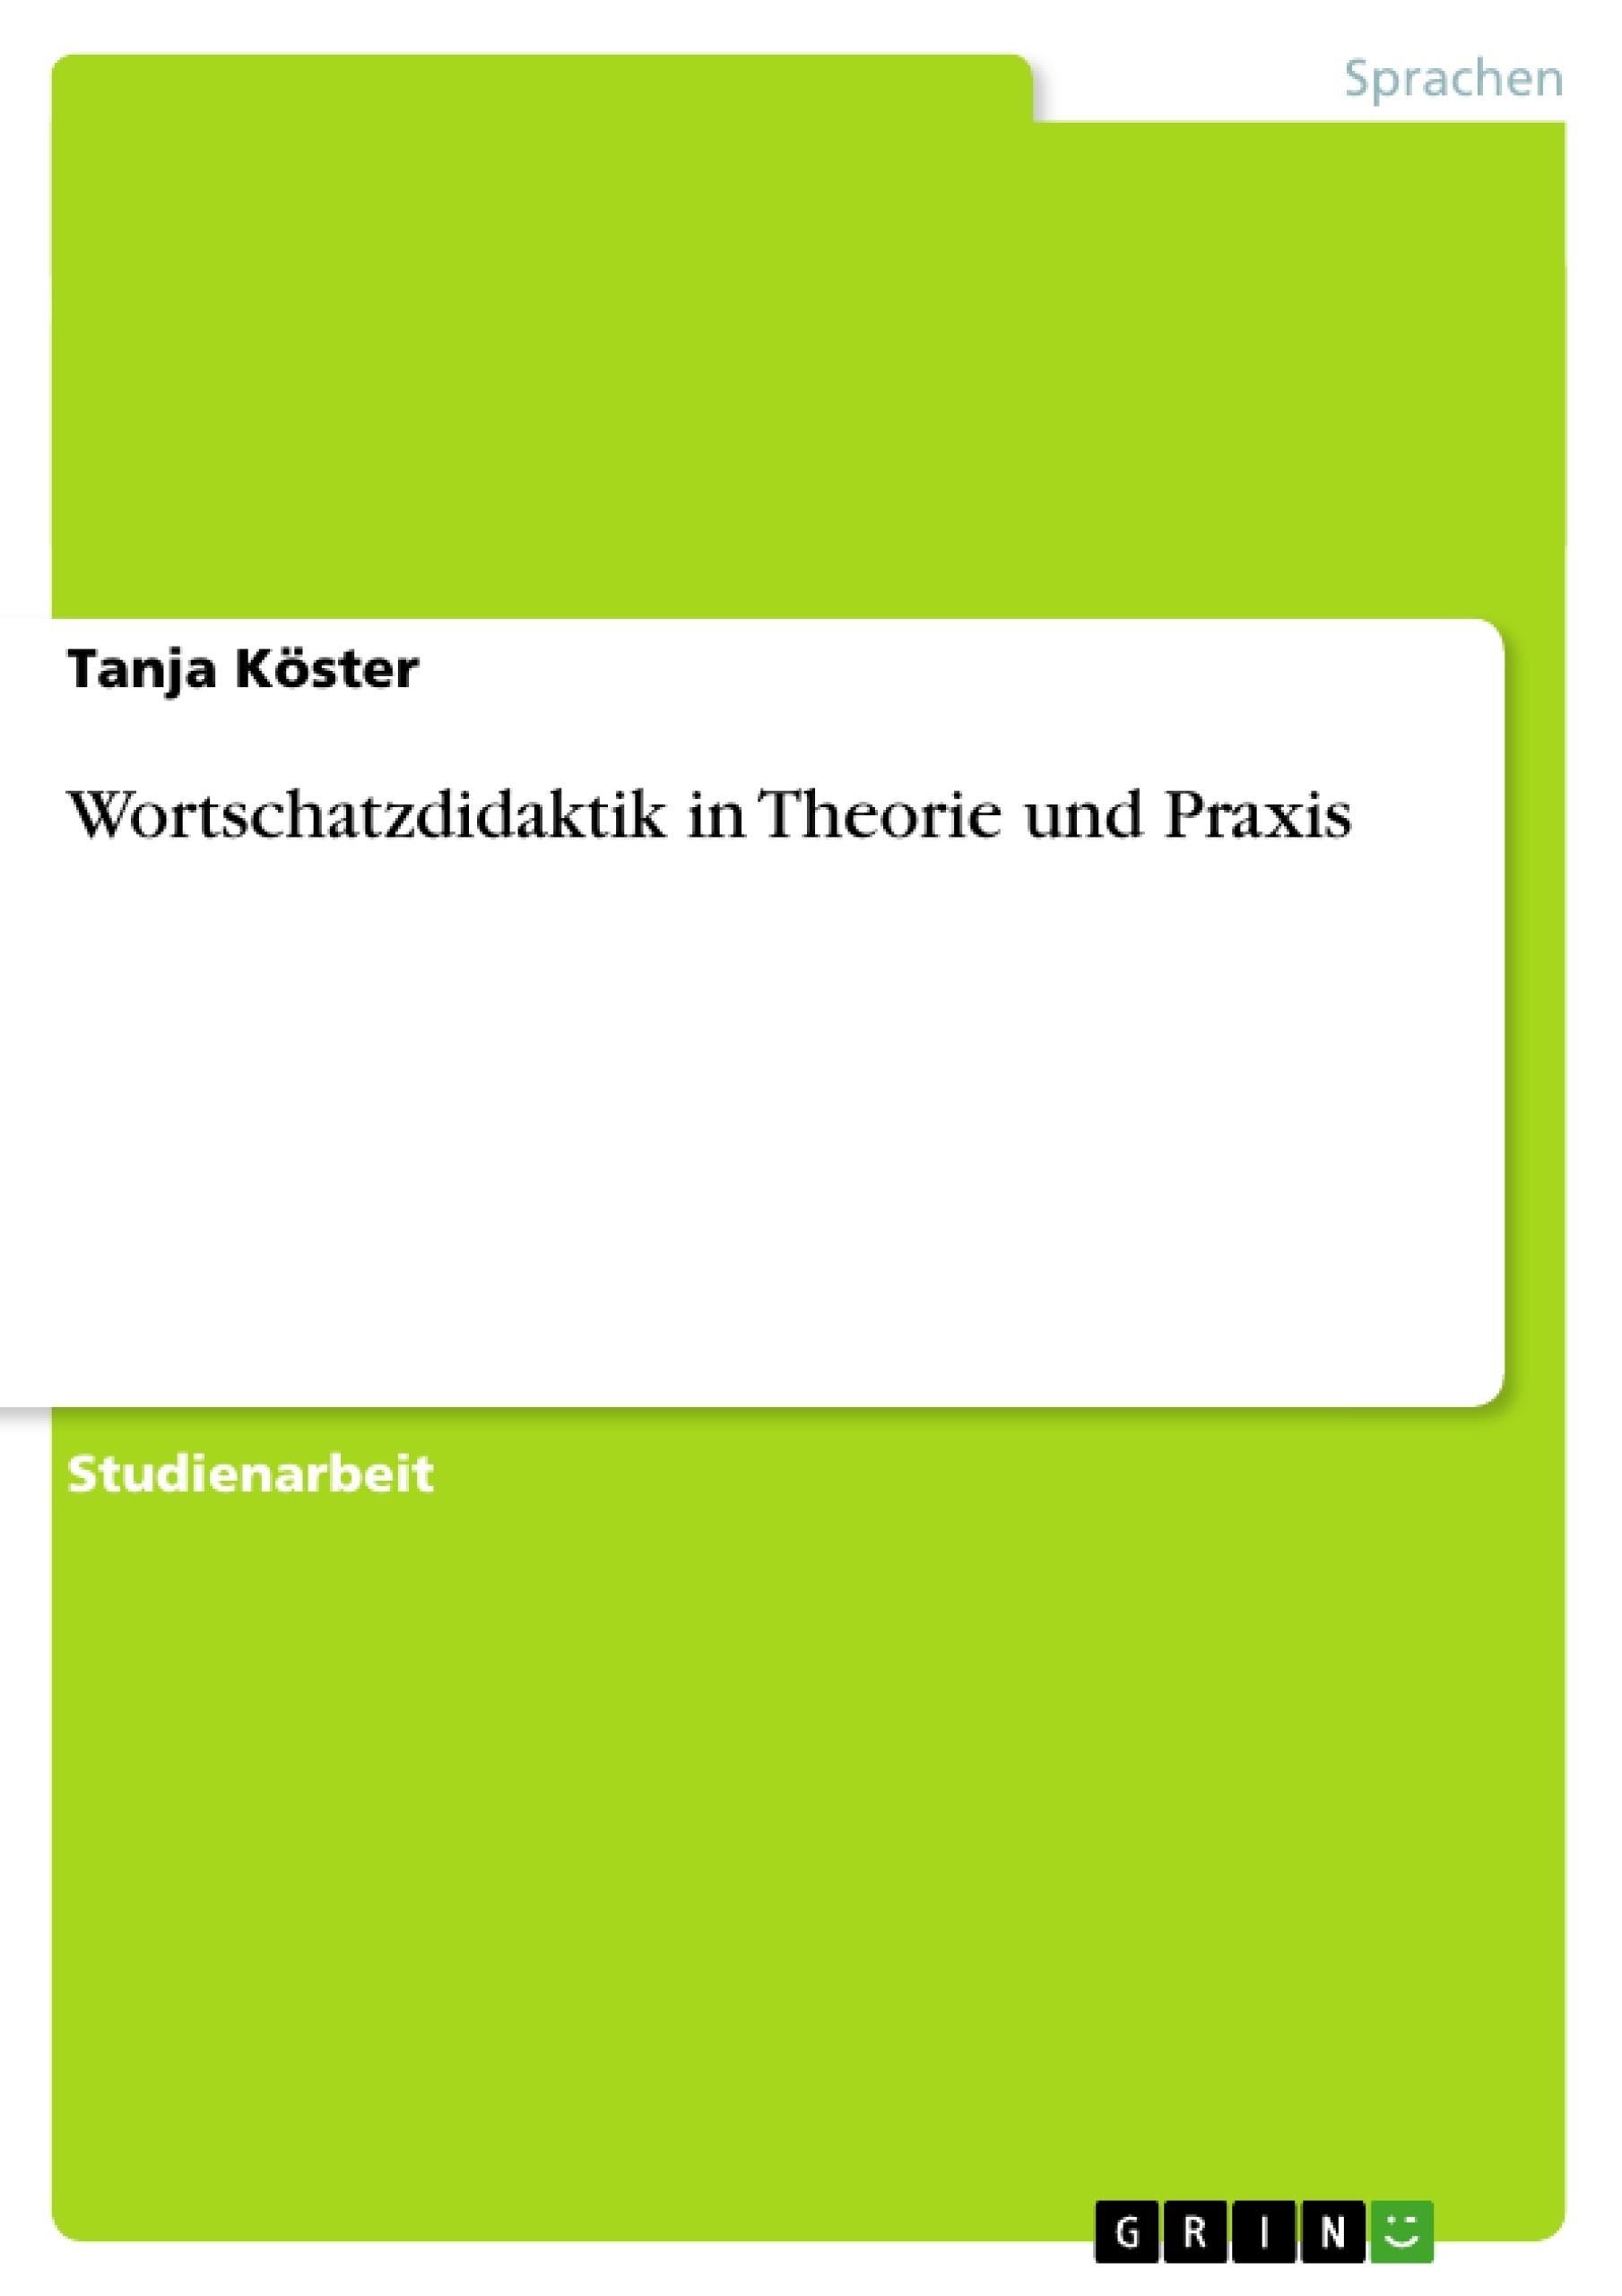 Titel: Wortschatzdidaktik in Theorie und Praxis